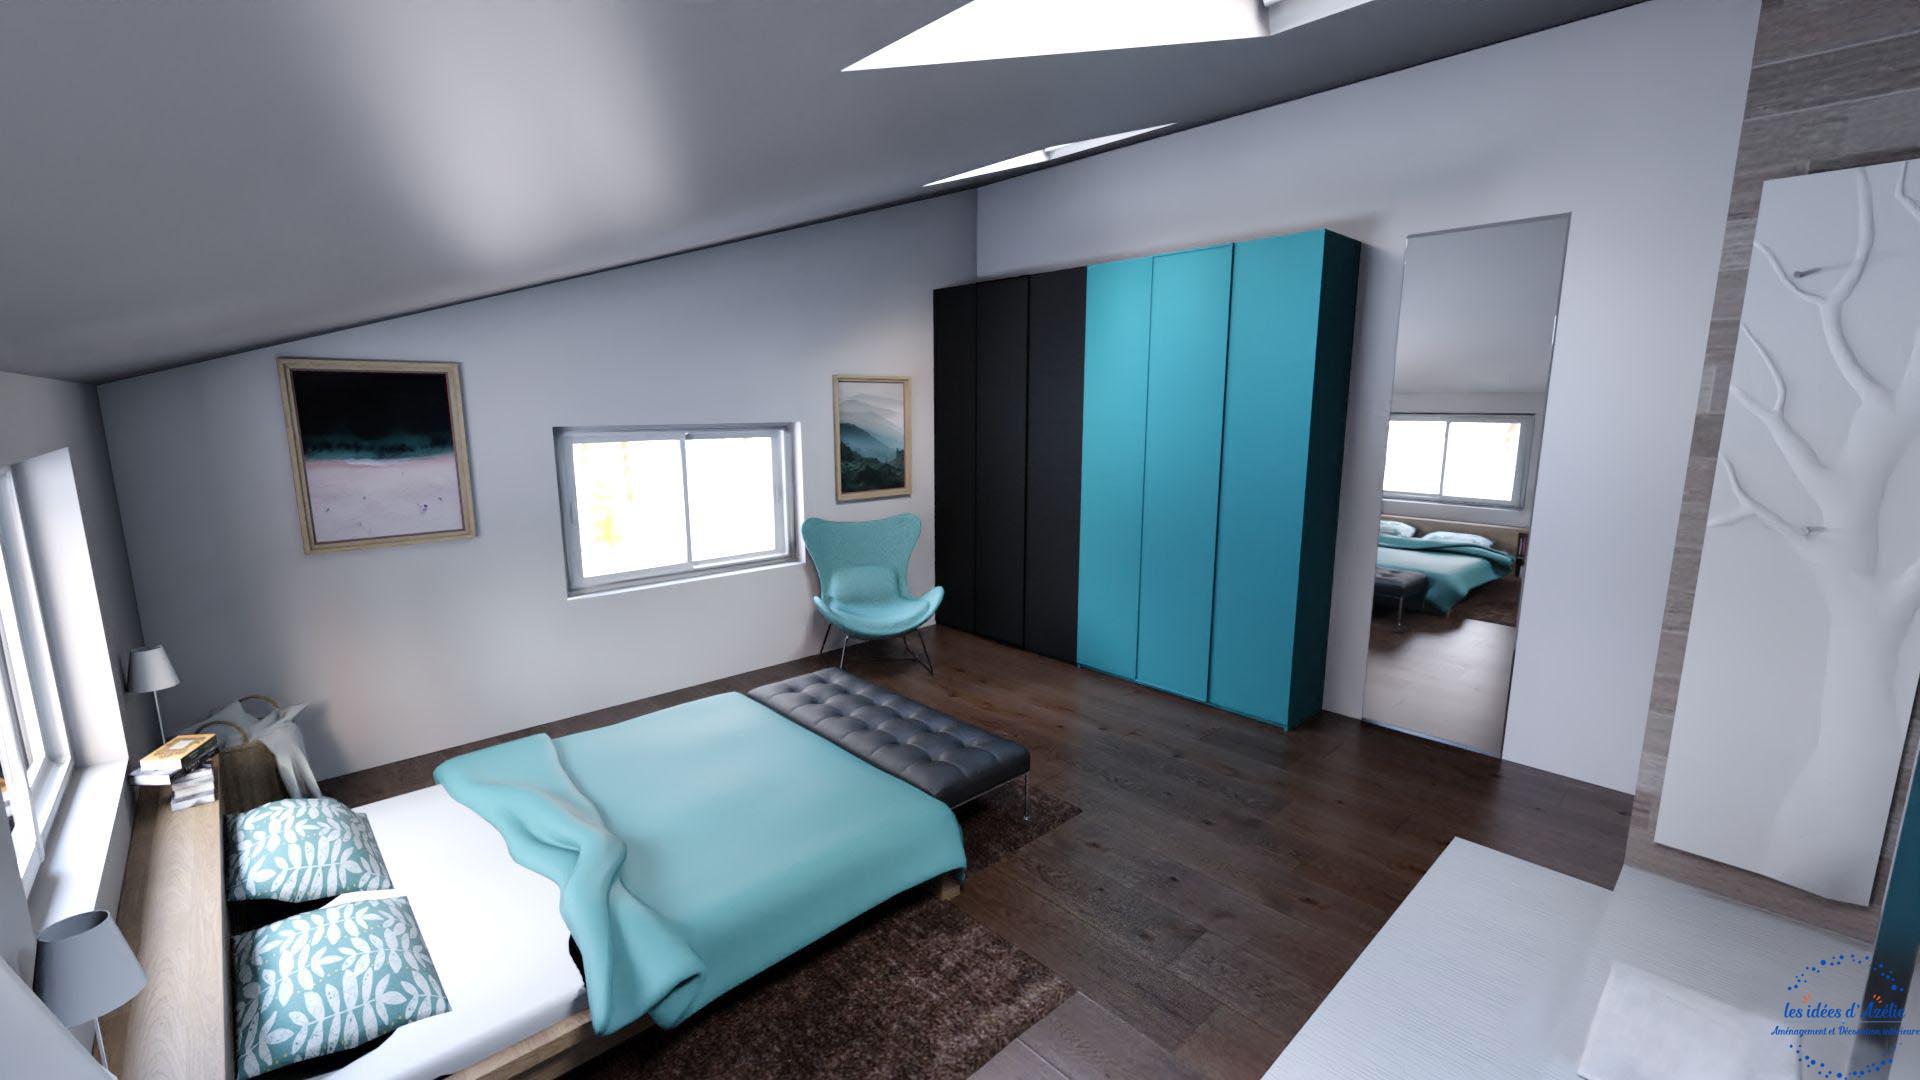 Chambre parentale - visuel 3D